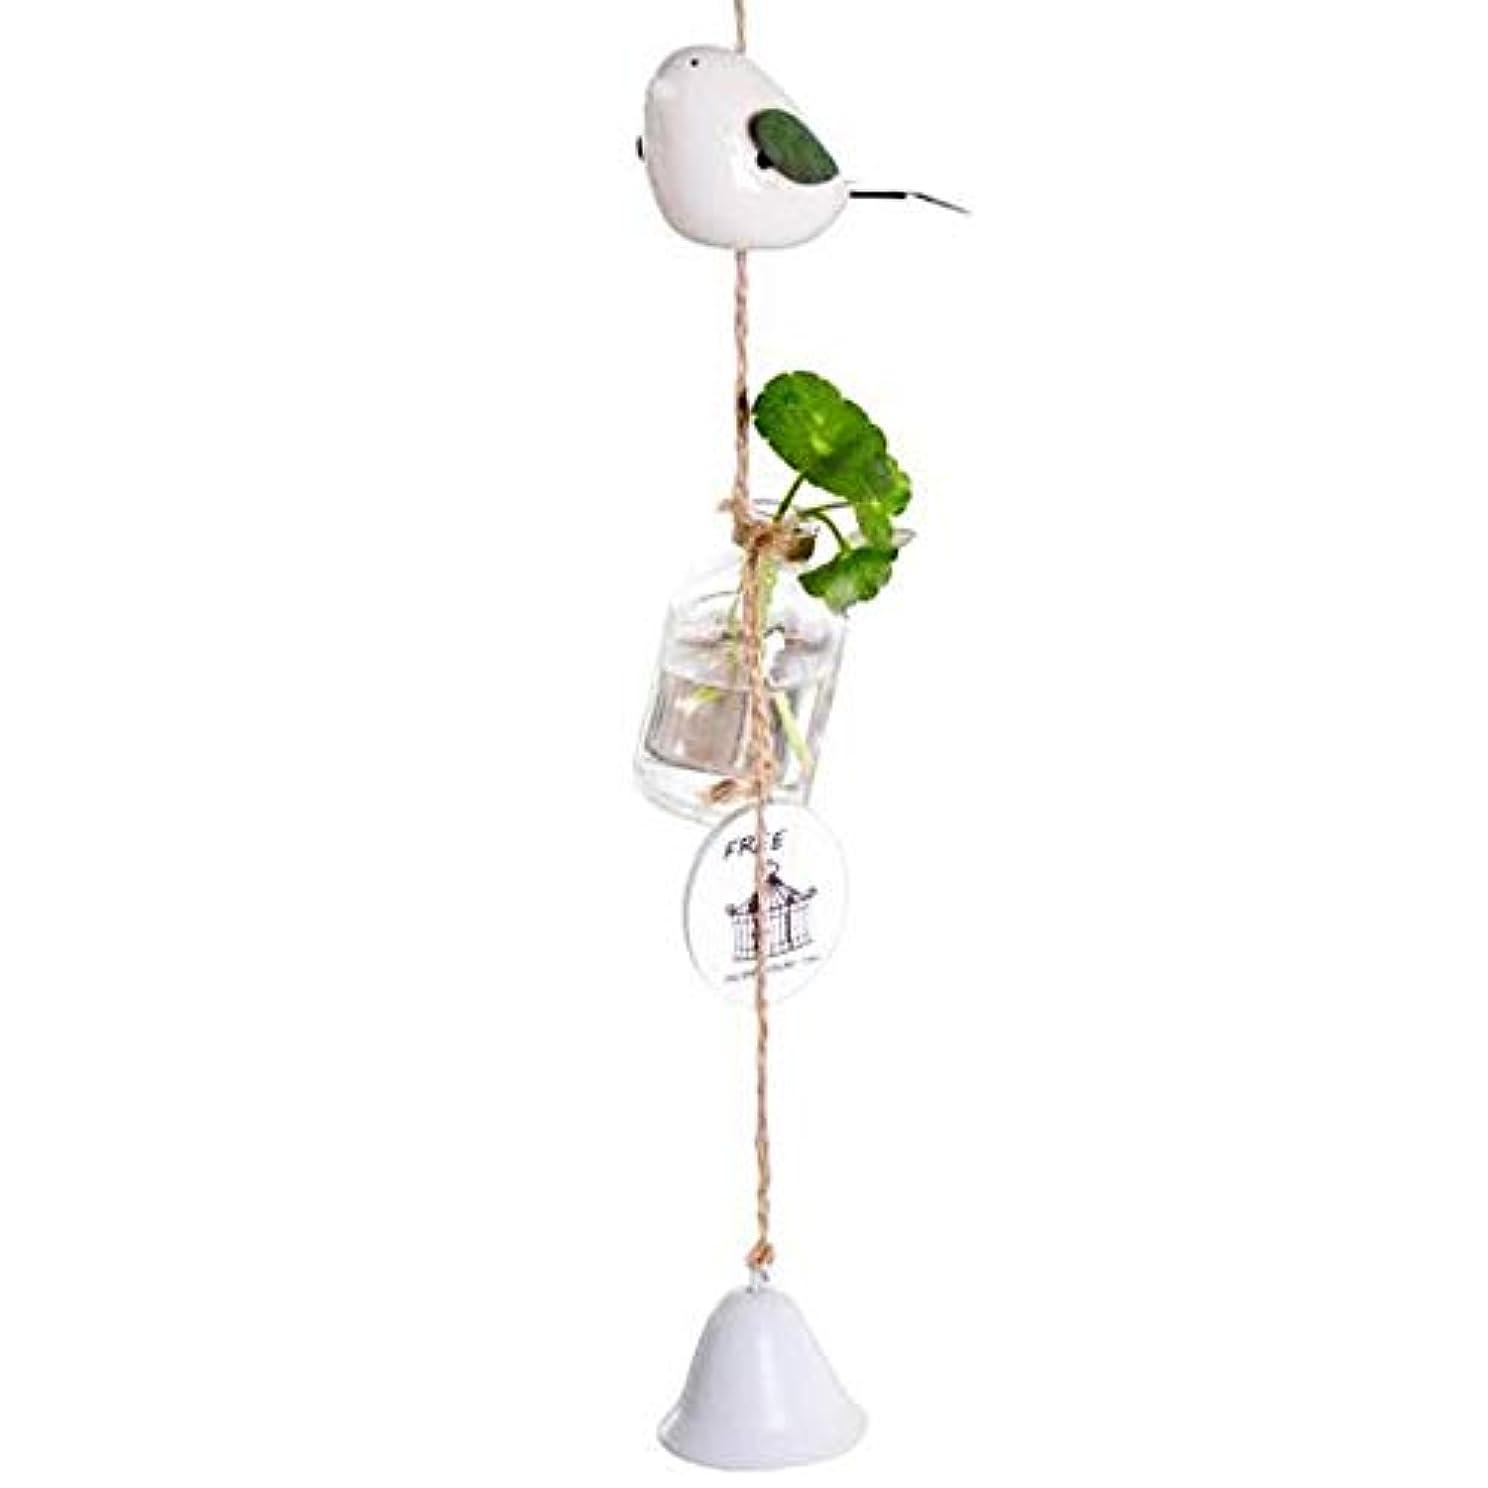 拍手する彼女自身かき混ぜるYougou01 風チャイム、クリエイティブ?グラス風チャイム、白、ロープの長さ63センチメートルボトル(なし植物) 、創造的な装飾 (Color : White)